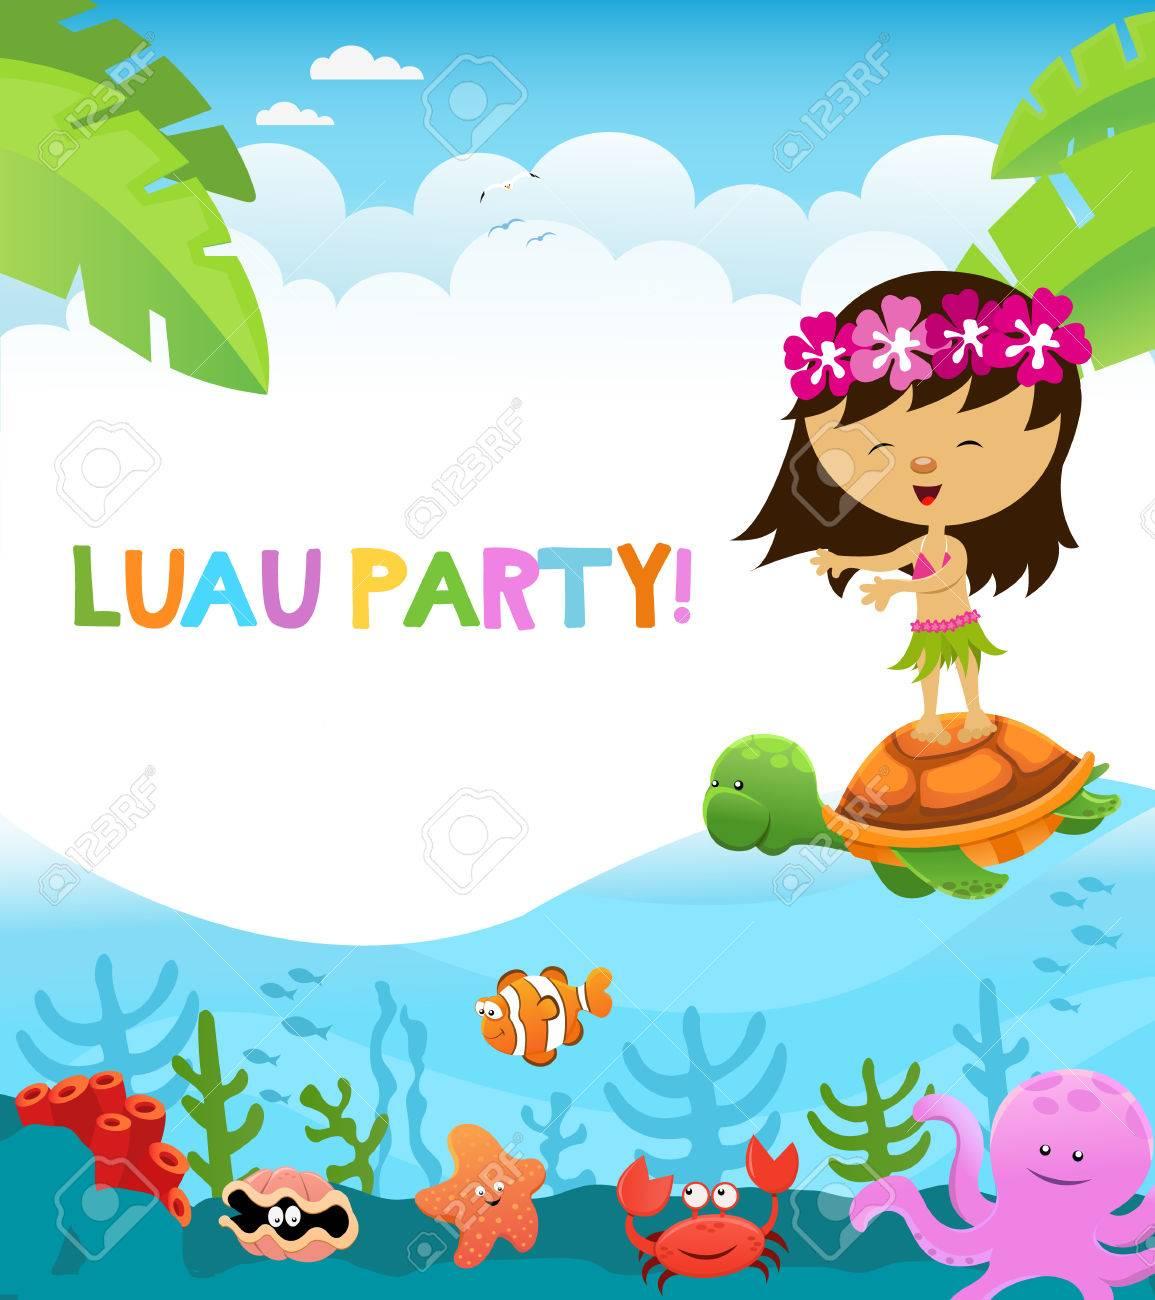 Luau Party.